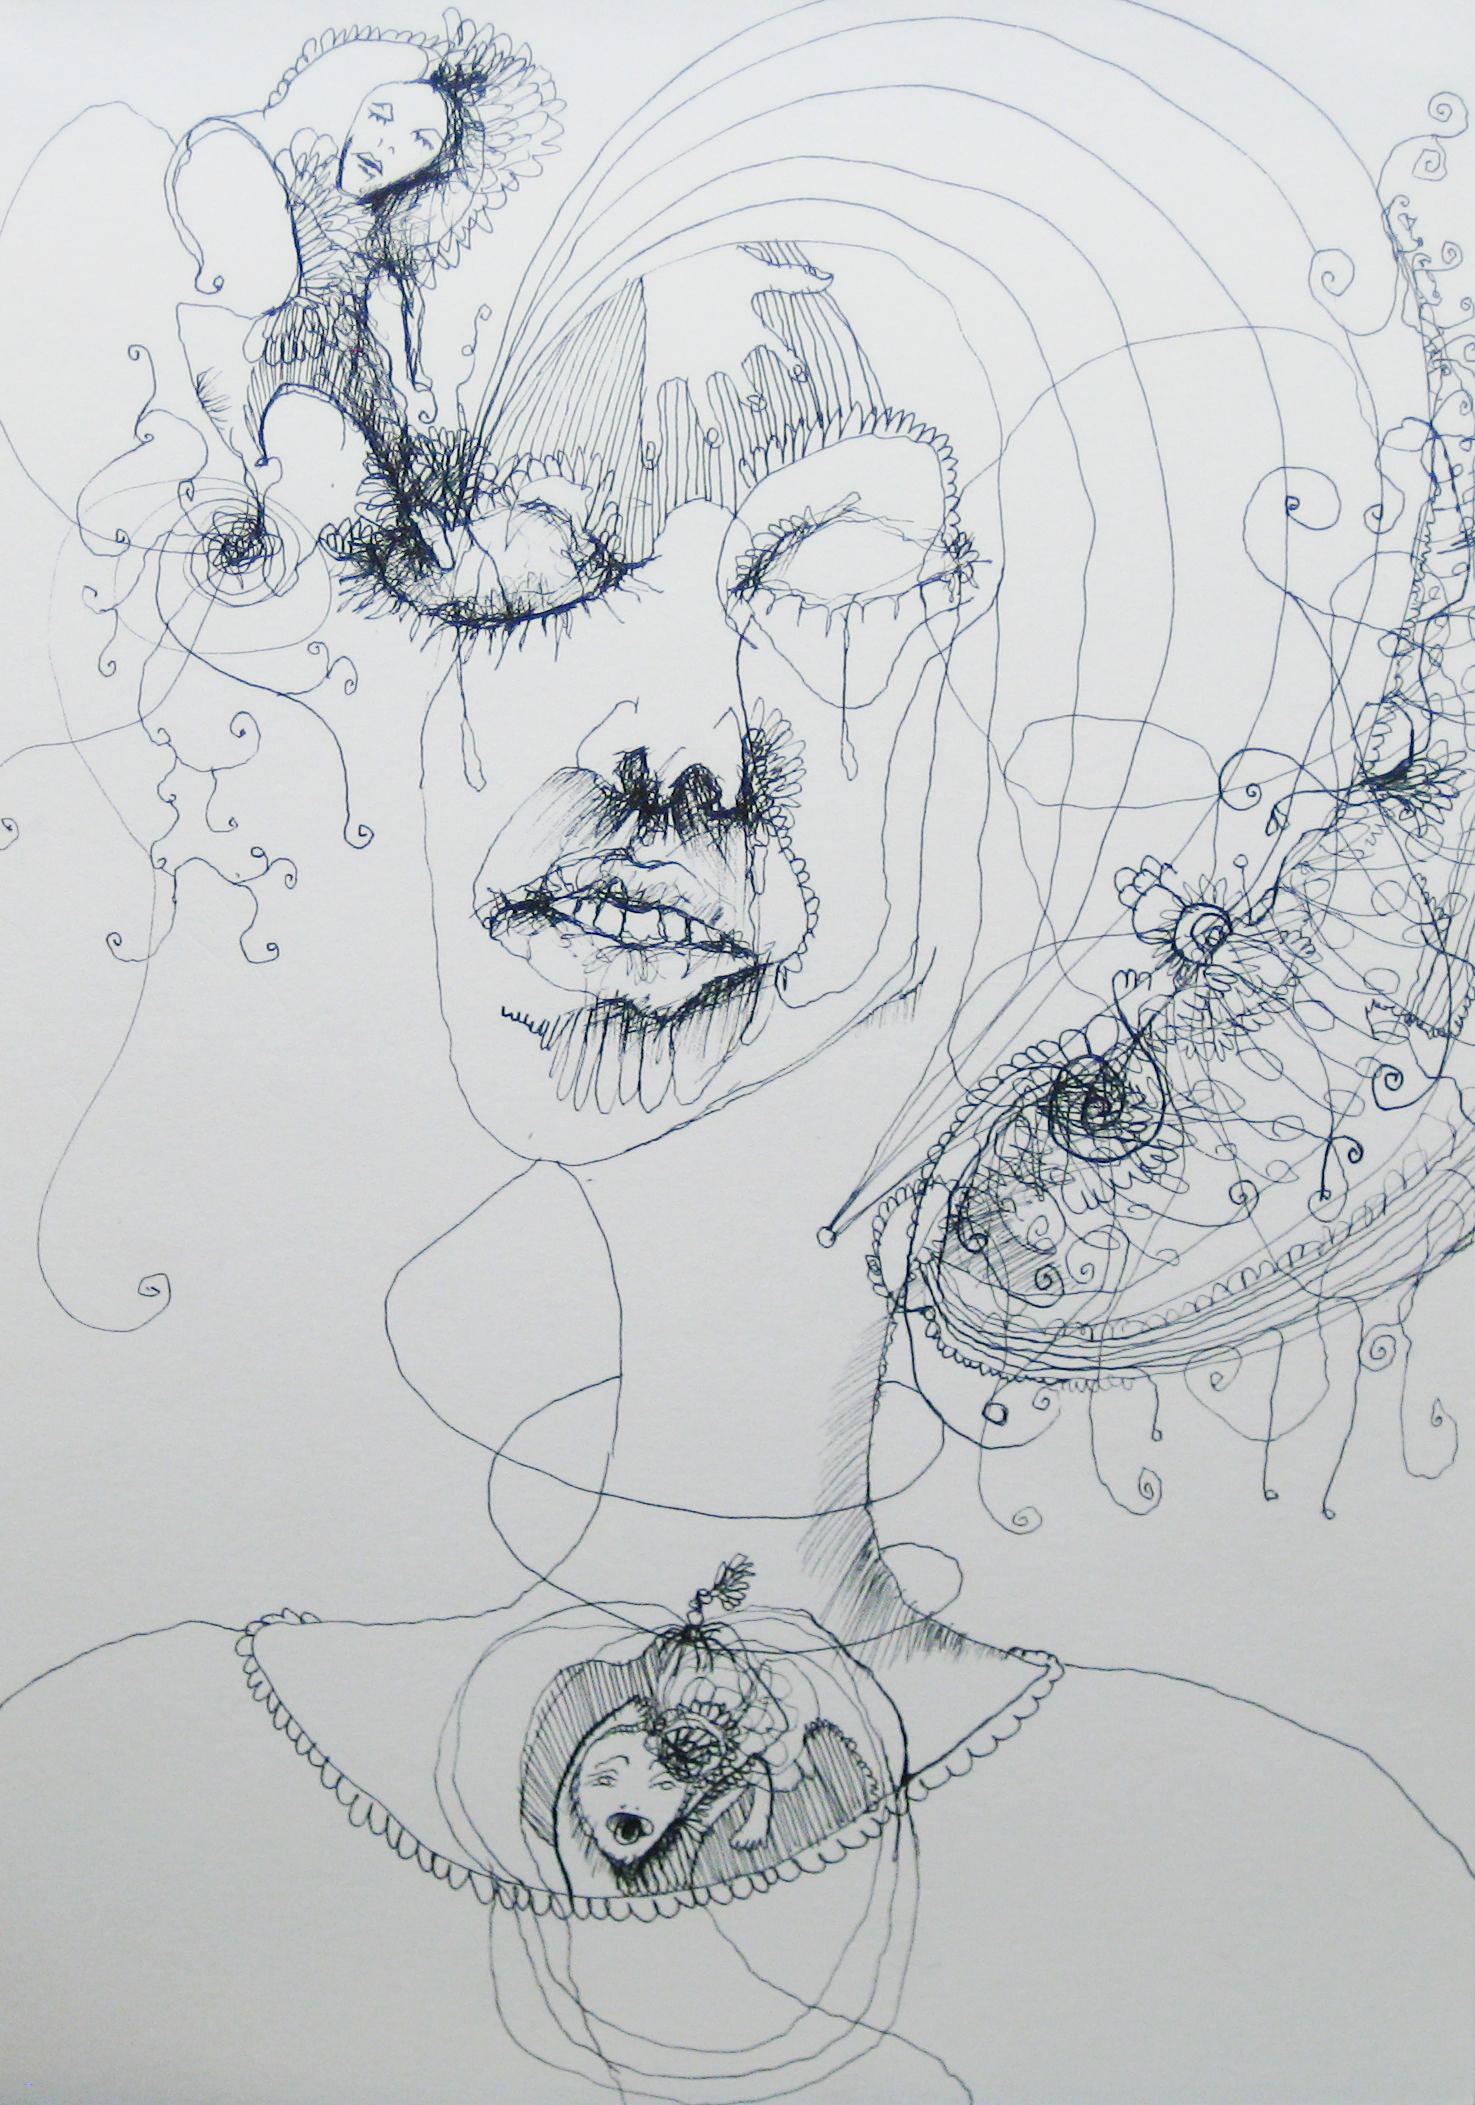 2012-Zeichnung-Sex-56-träumen-bumen-Luisa-Pohlmann-Kunst-Berlin